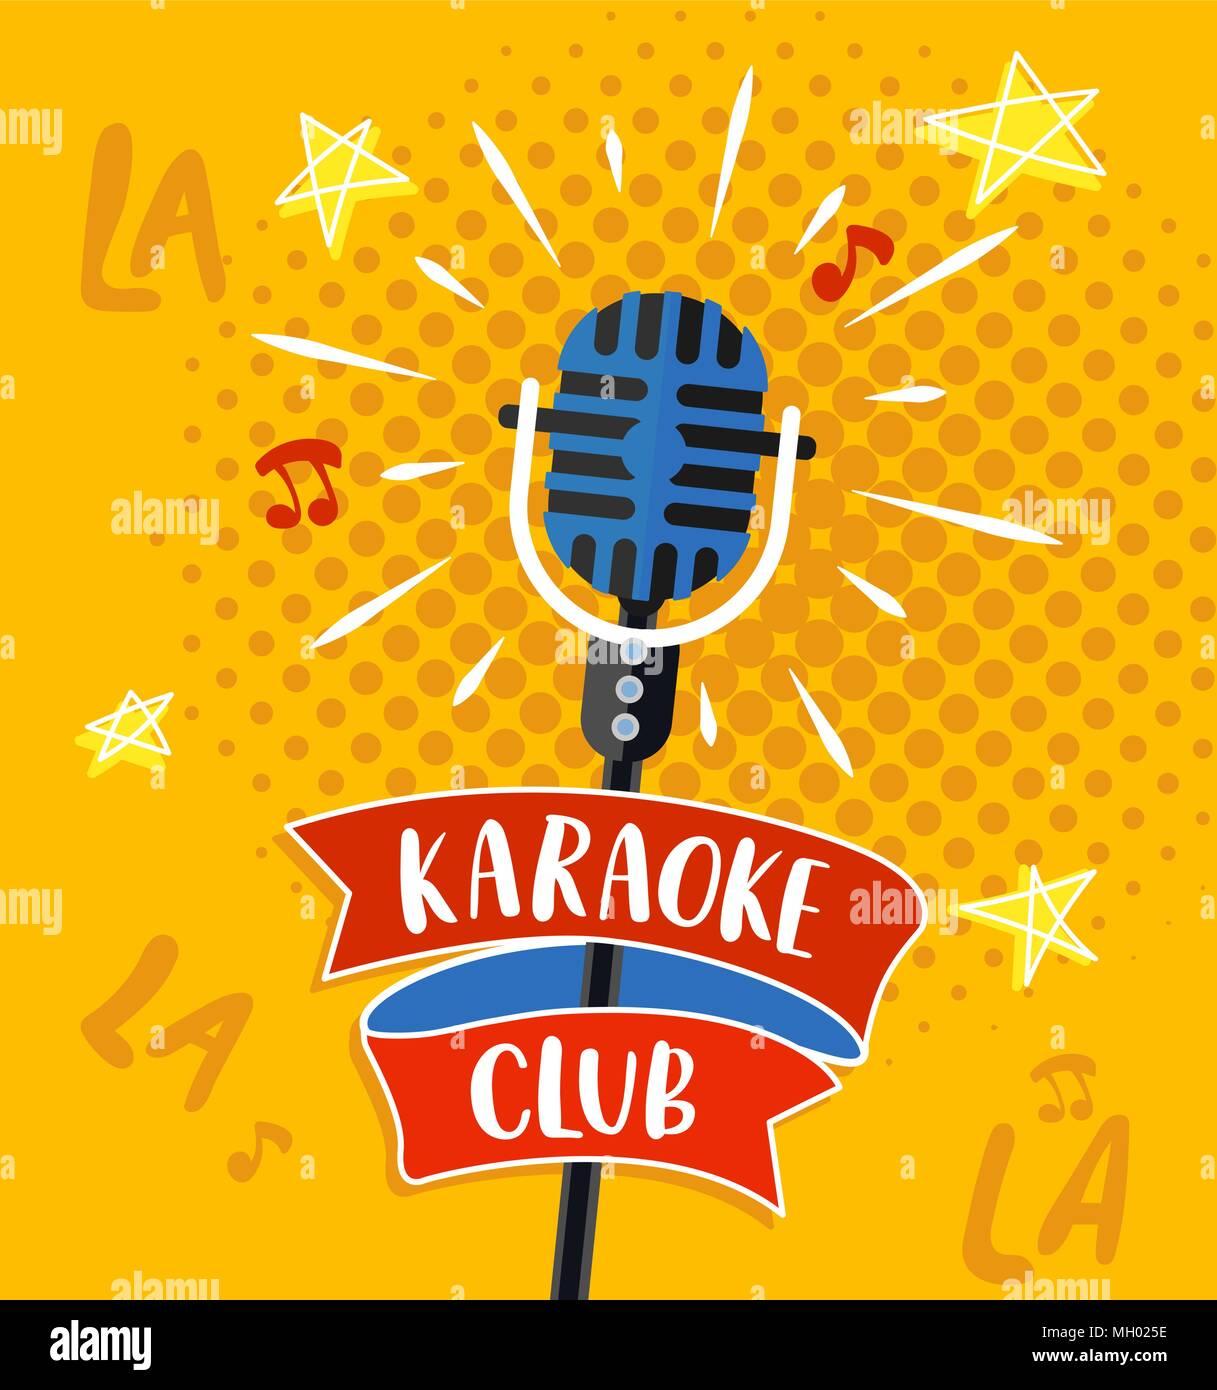 Karaoke club symbol, logo or emblem with lettering. Vector illustration. - Stock Image